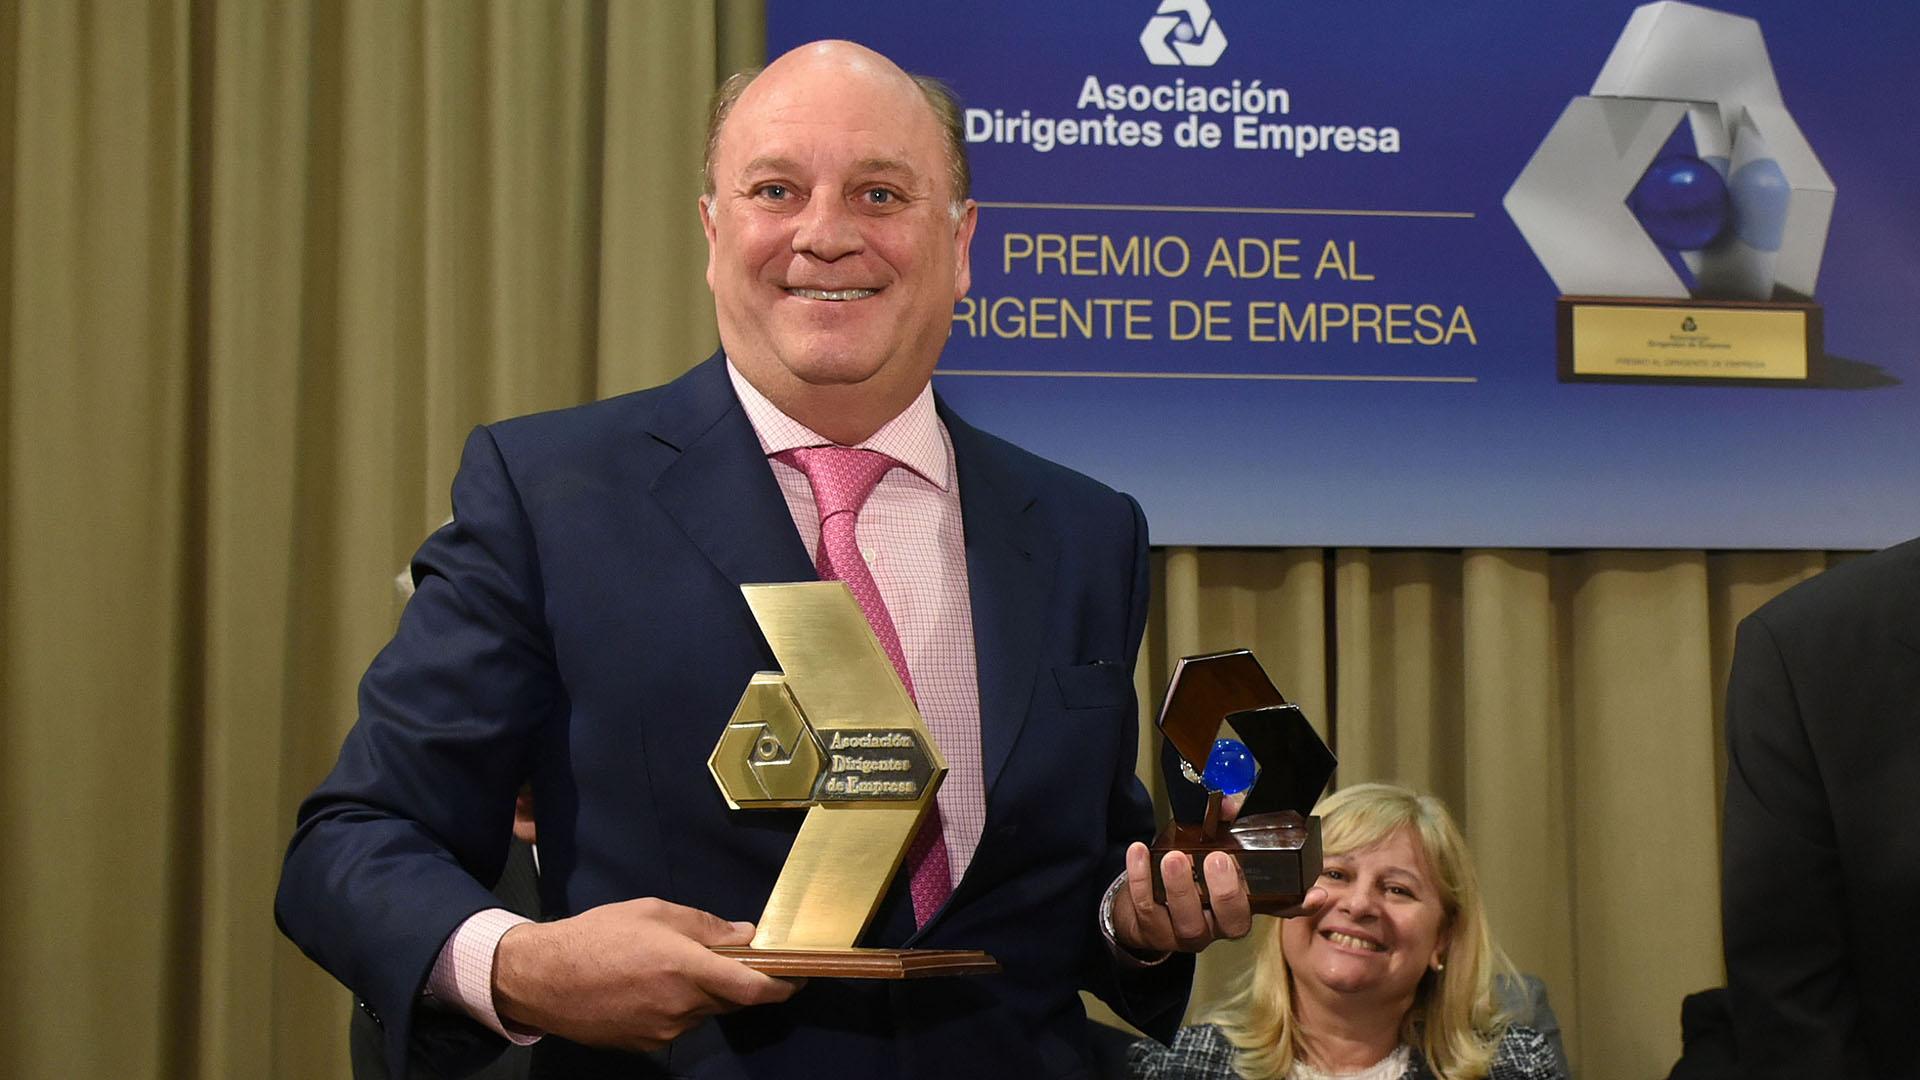 Martín Cabrales, vicepresidente de Cabrales S.A., fue premiado como Dirigente de Empresa en la categoría Comercio, siguiendo el legado de su padre Quique Cabrales, quién recibió el mismo premio en el año 1998